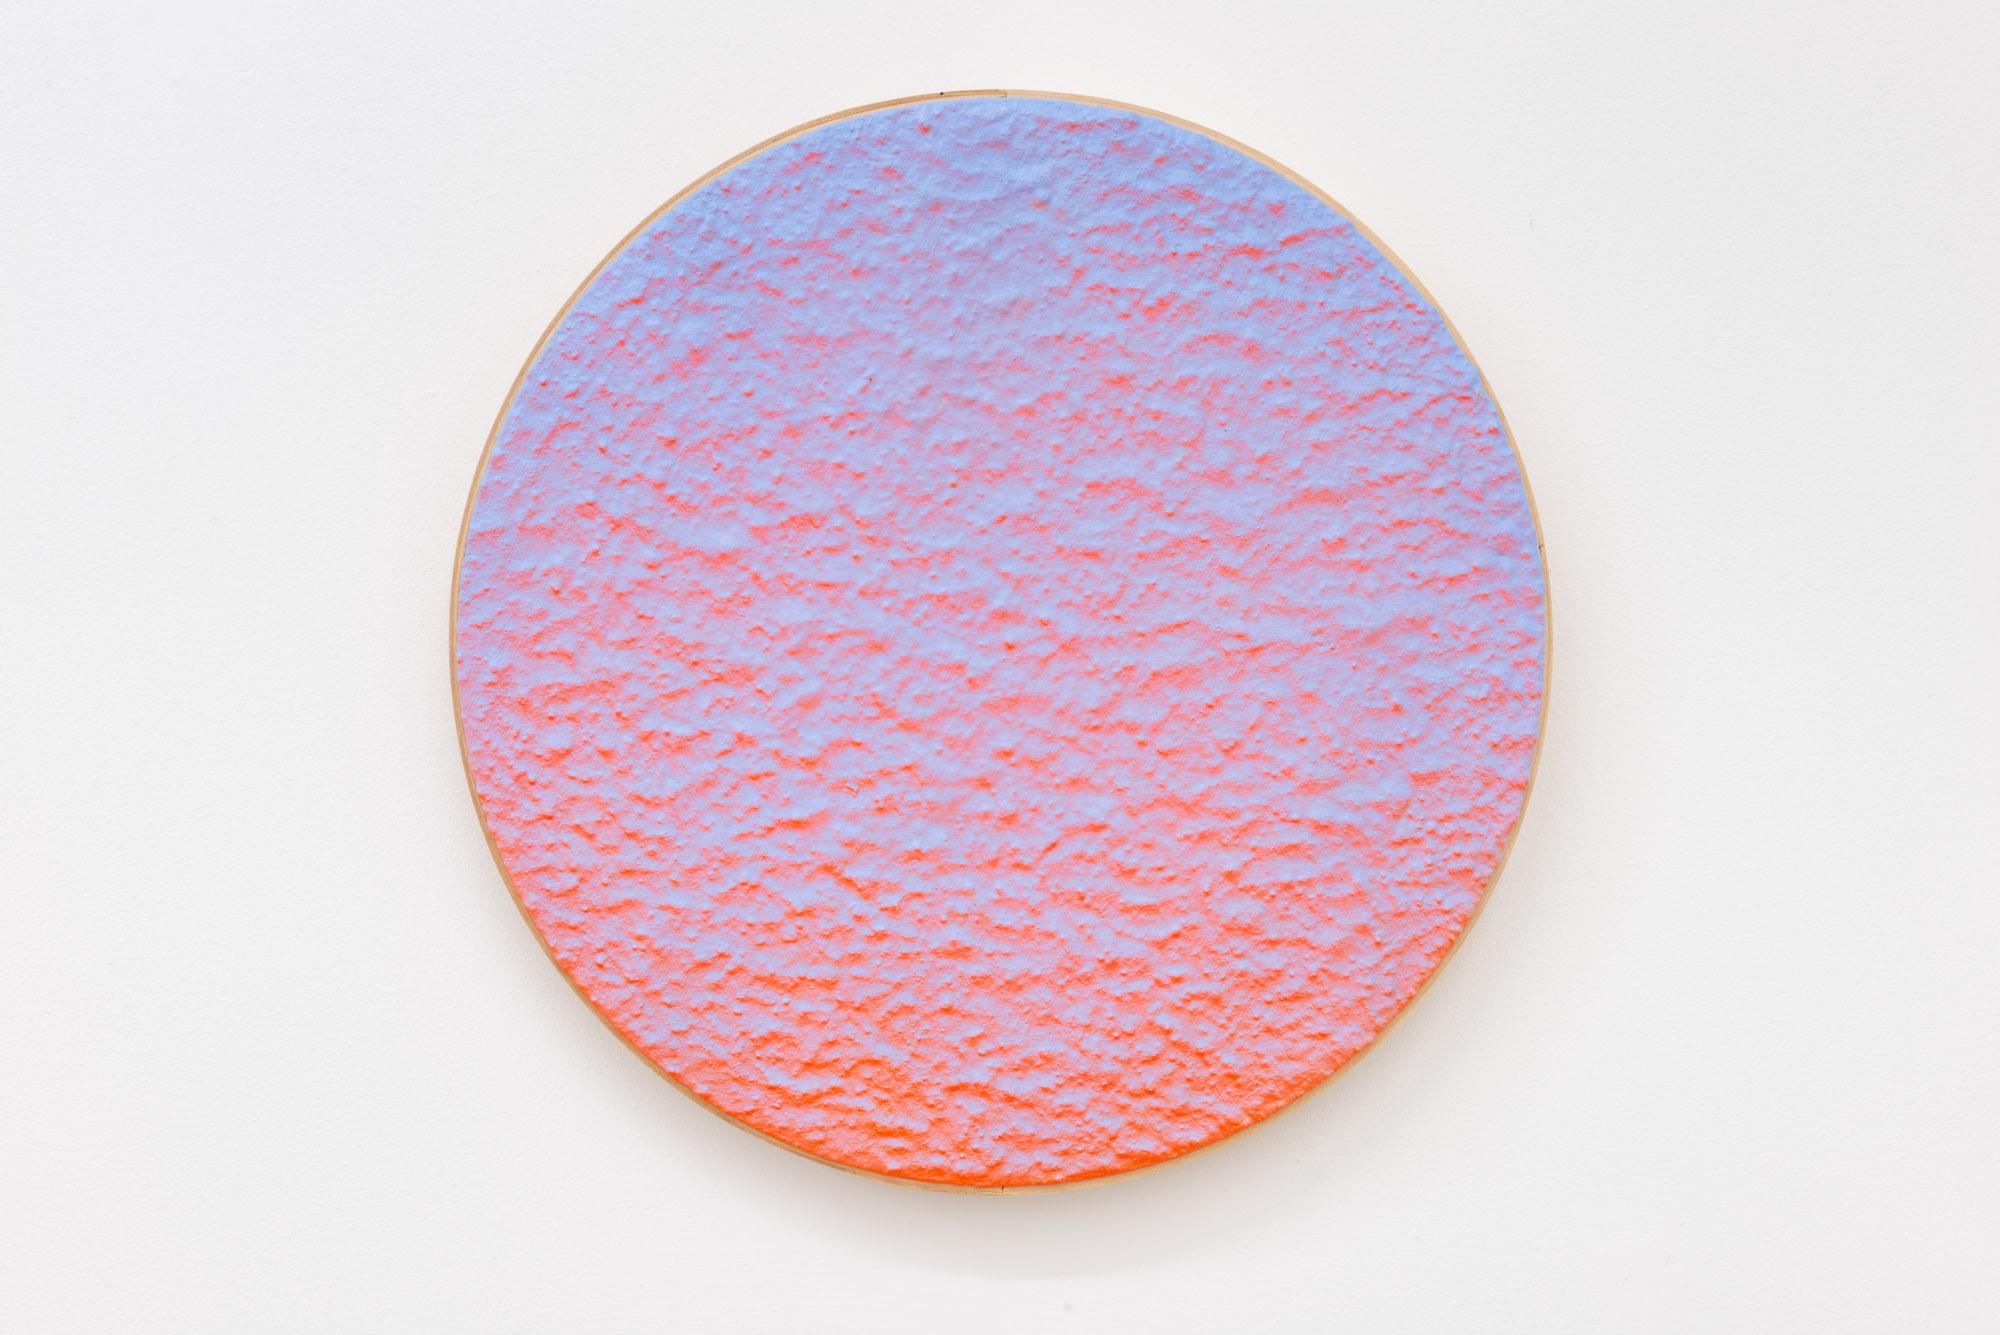 """Pierre Julien,  In the Deepest Oceans  - B015, 2018, stucco, peinture acrylique et peinture aérosol sur panneau de bois, 16"""" diamètre (41 cm)"""